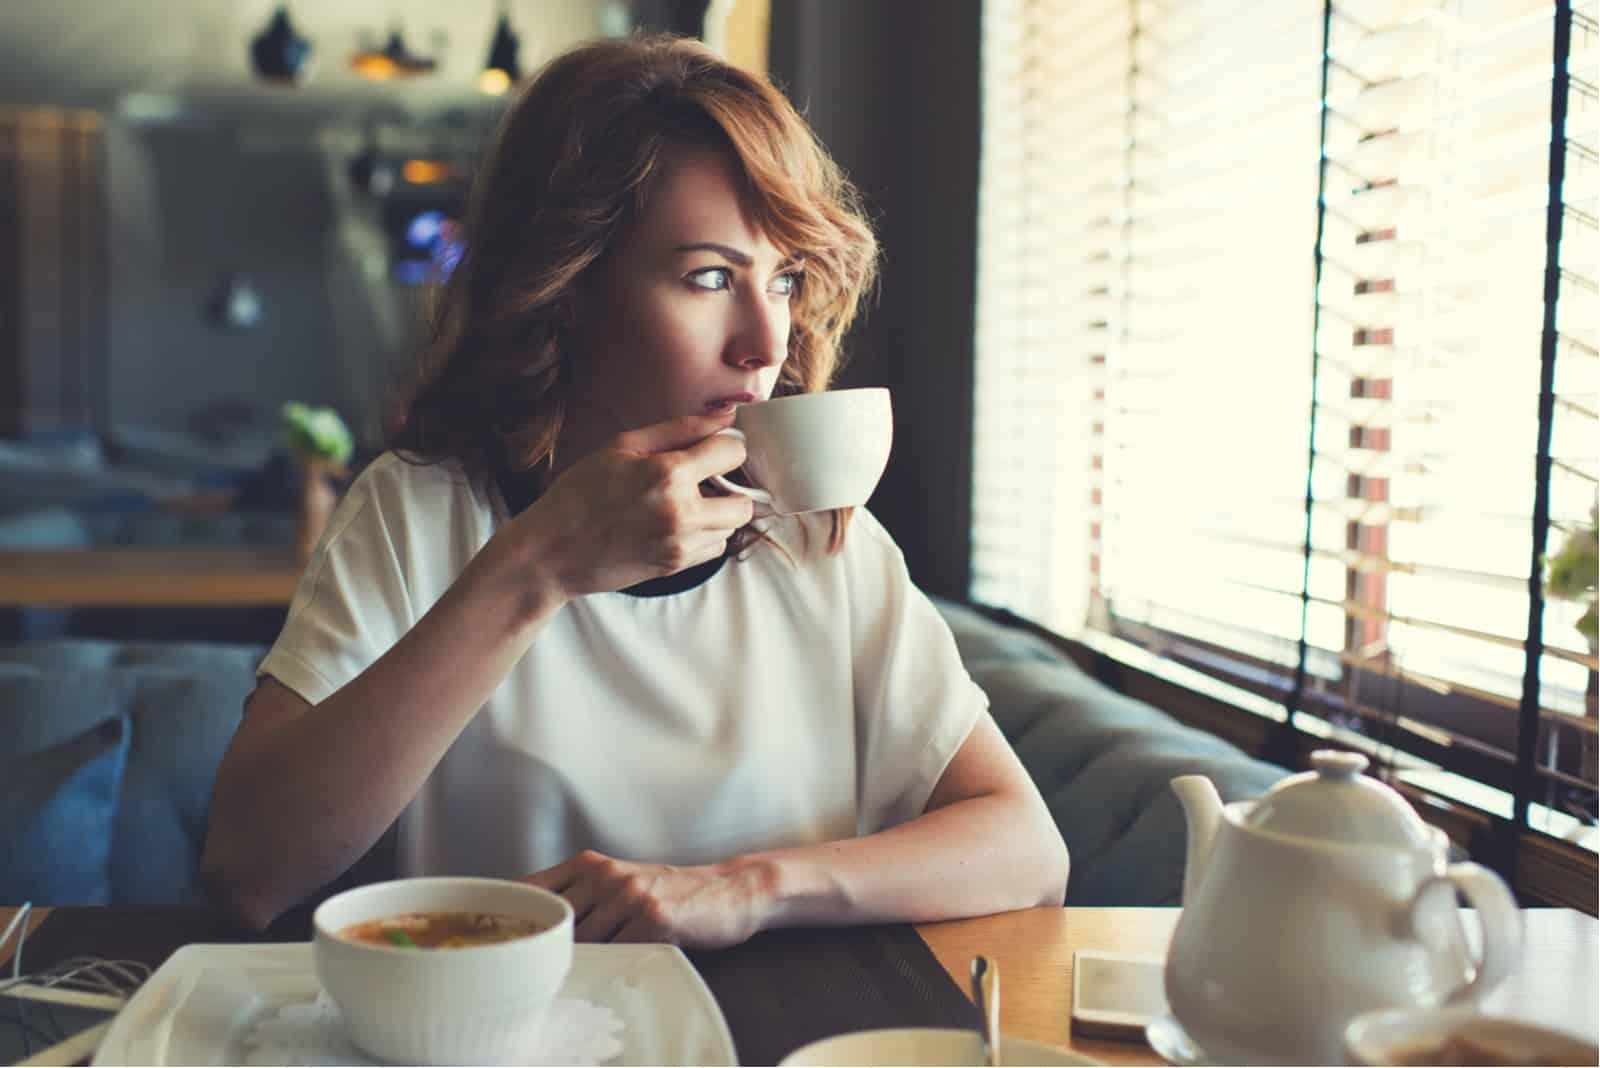 Frau sitzt im Café und trinkt Kaffee